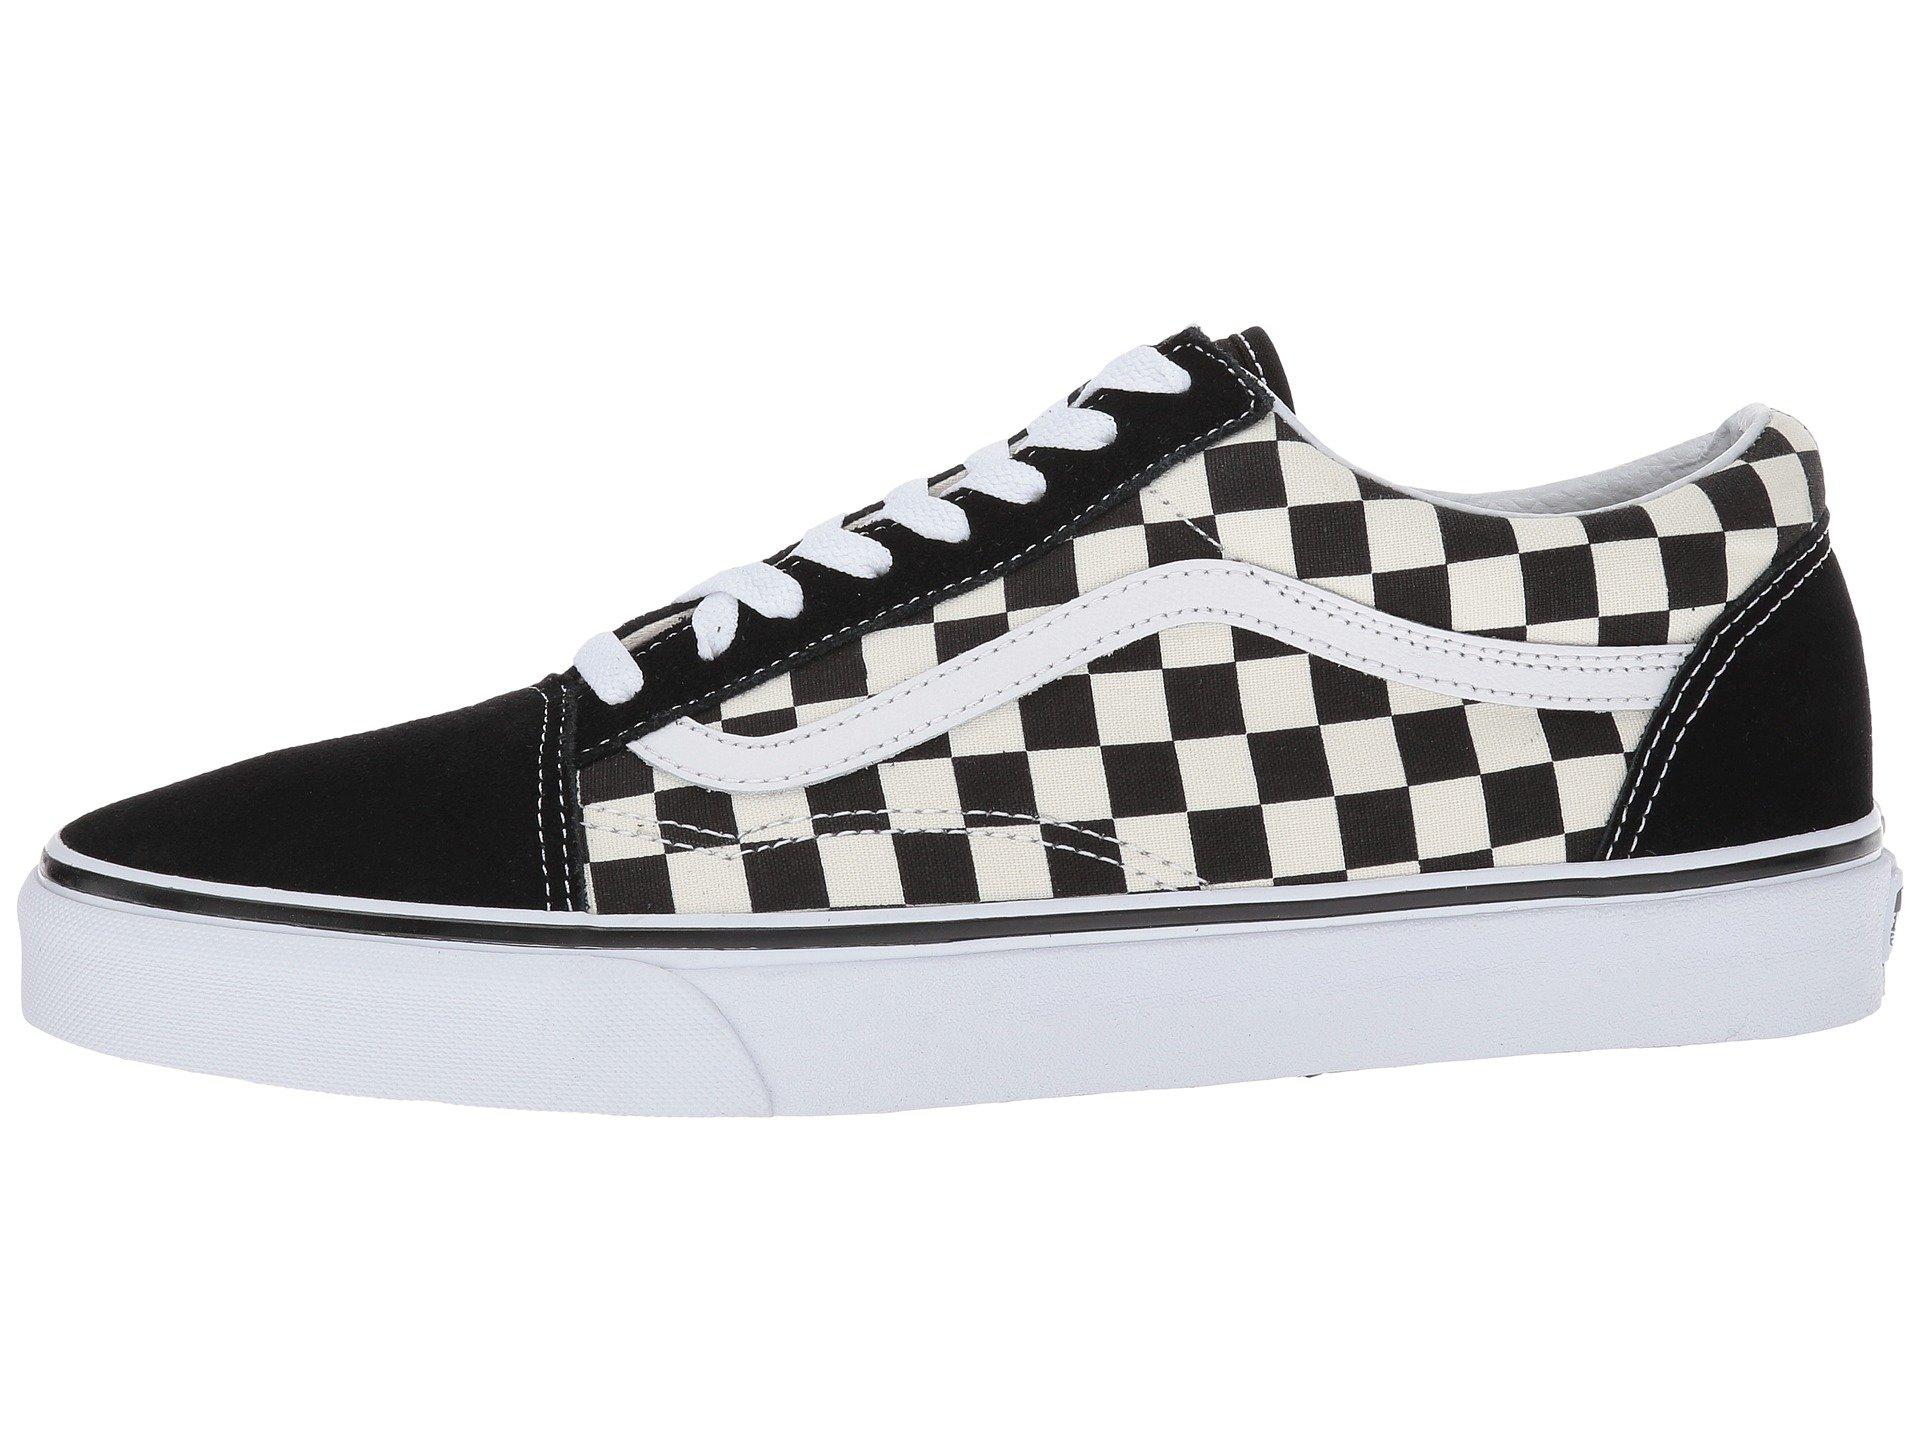 Vans Unisex Checkerboard Old Skool Lite Blk/White Checkerboard Slip-On - 3.5 by Vans (Image #6)